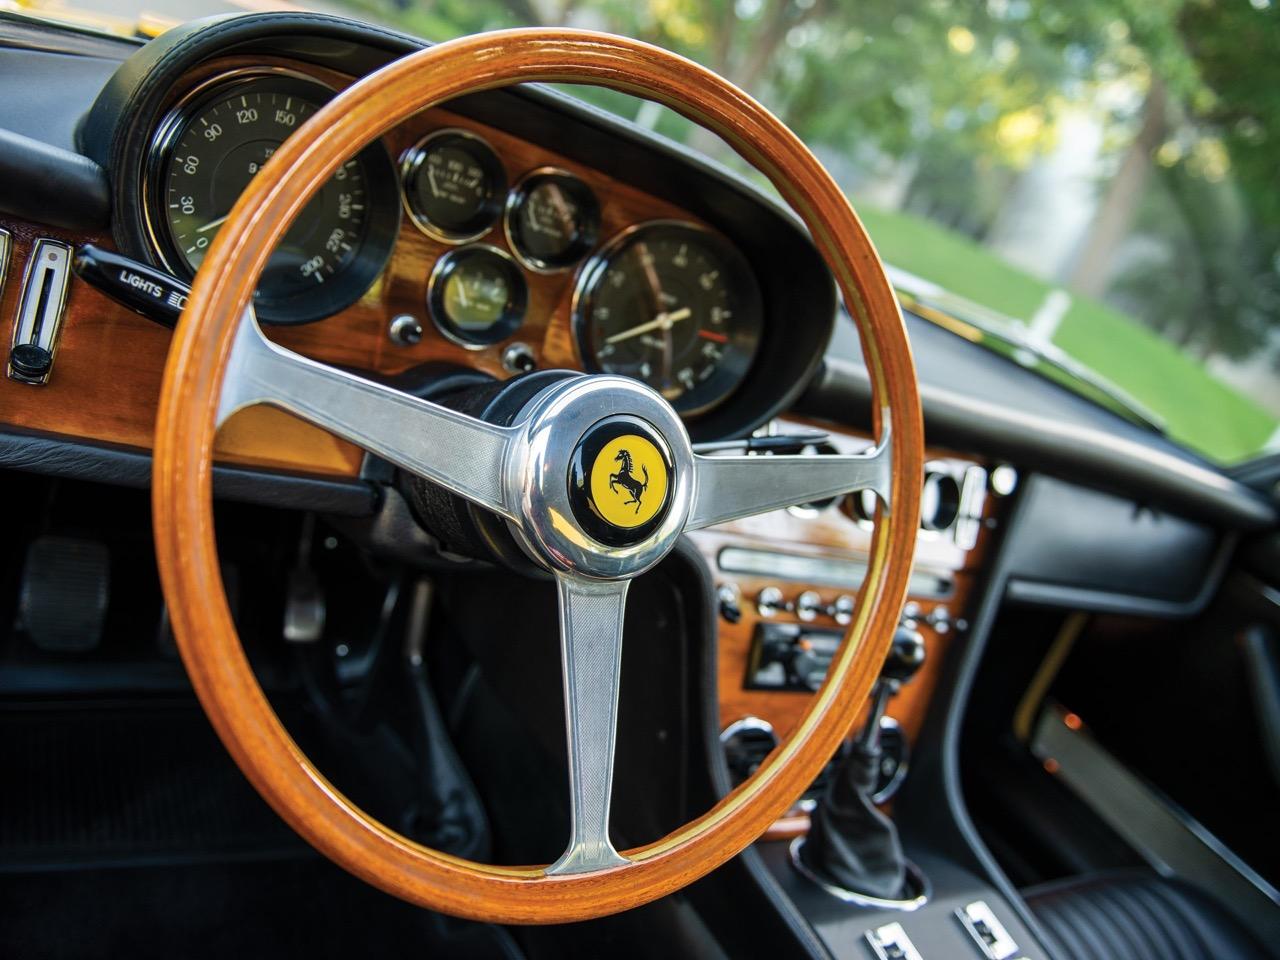 '68 Ferrari 365 GT 2+2 - Le charme des familiales ! 63